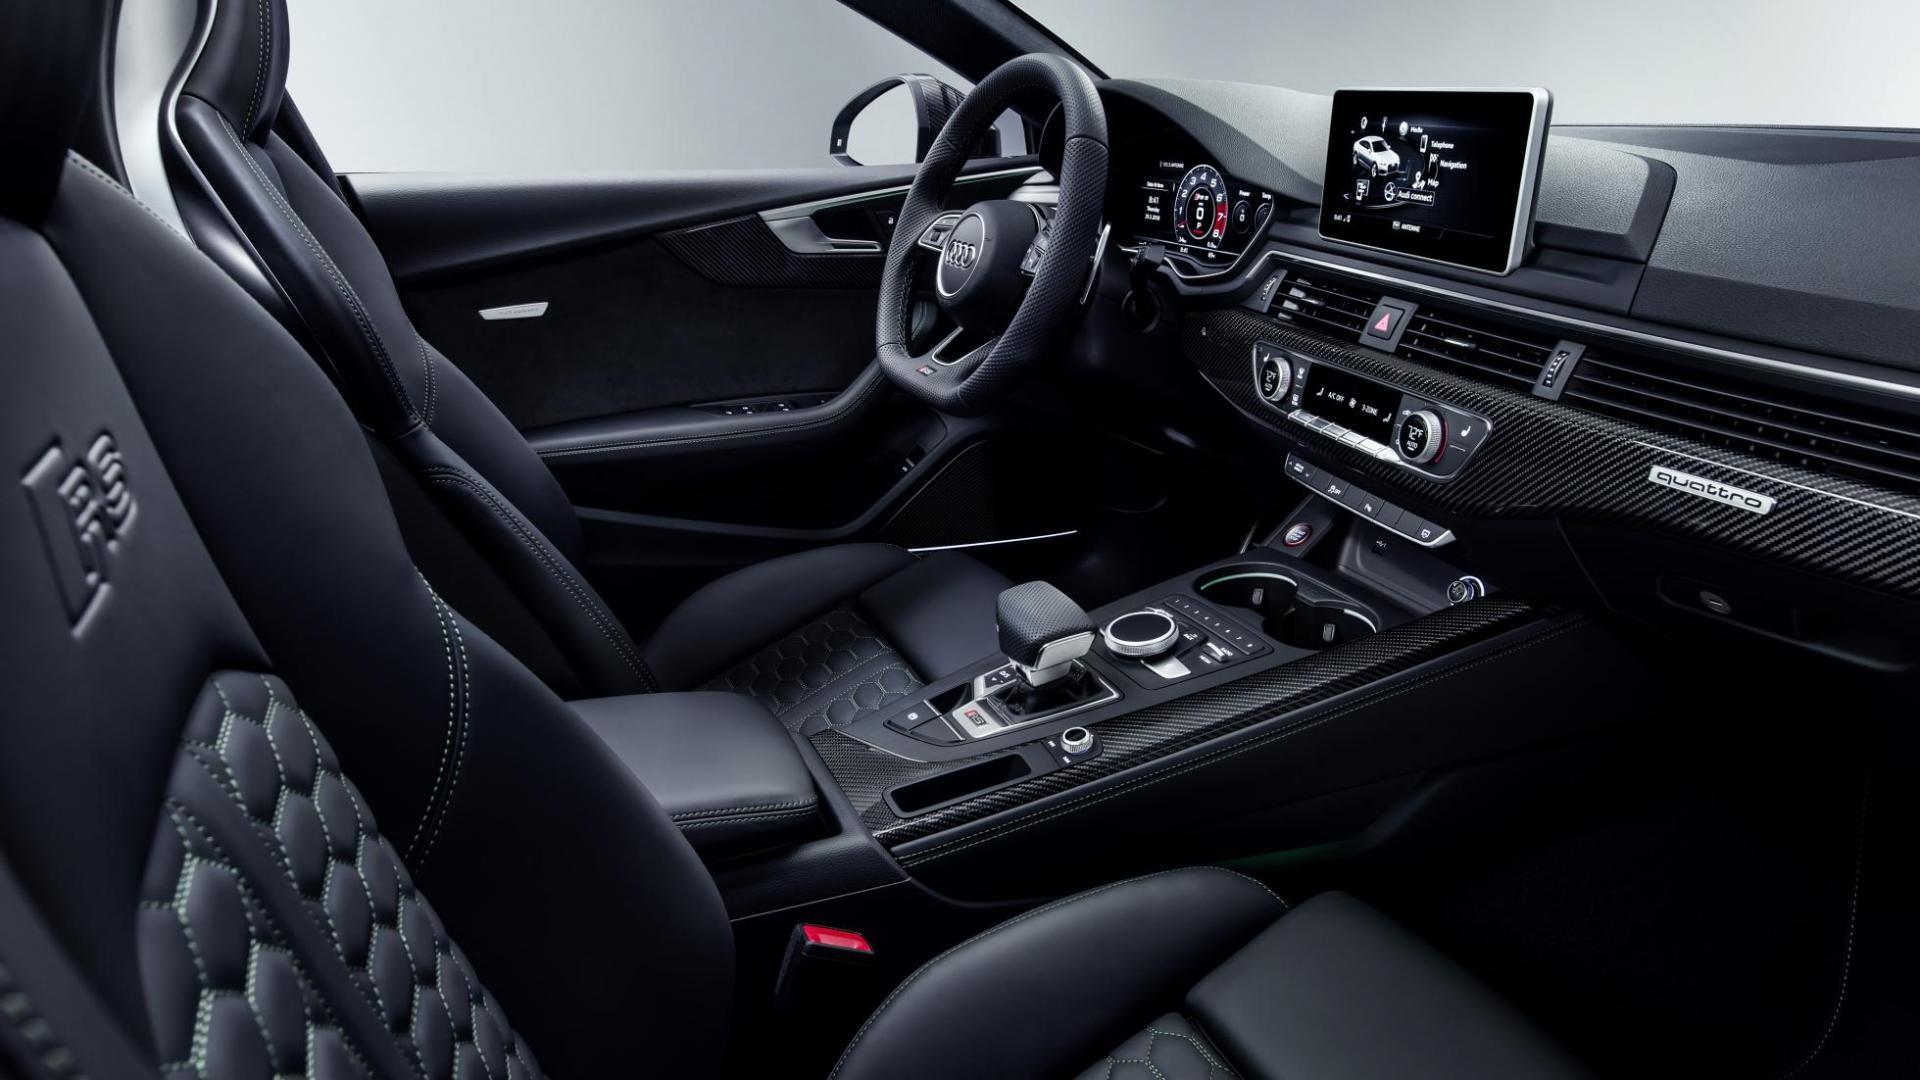 Audi RS 5 Sportback interieur (2018)